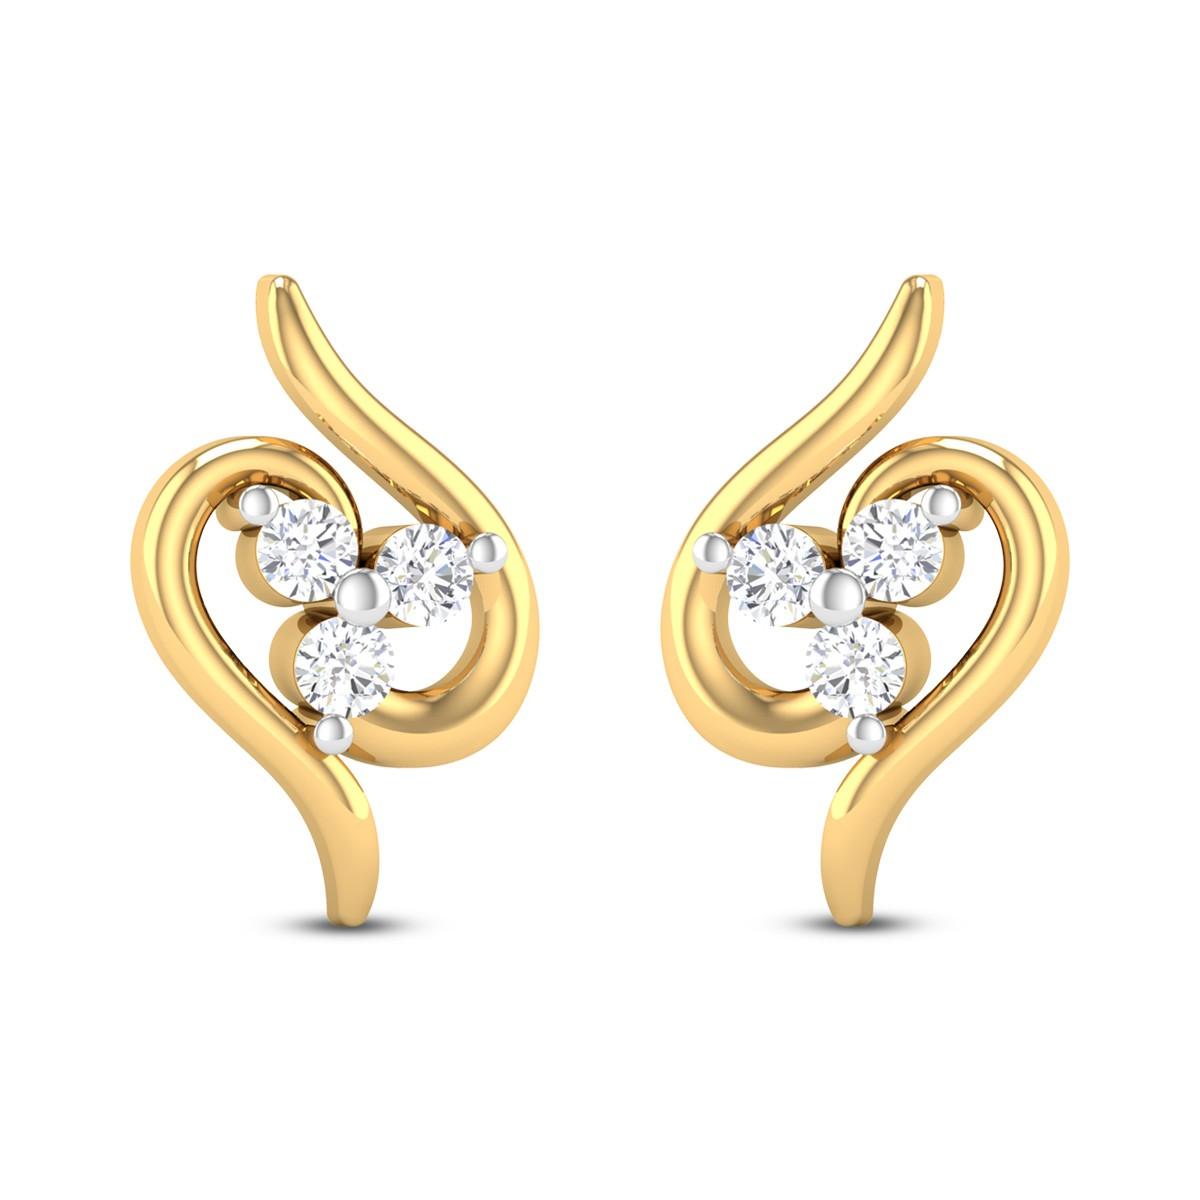 Abigail Diamond Earrings